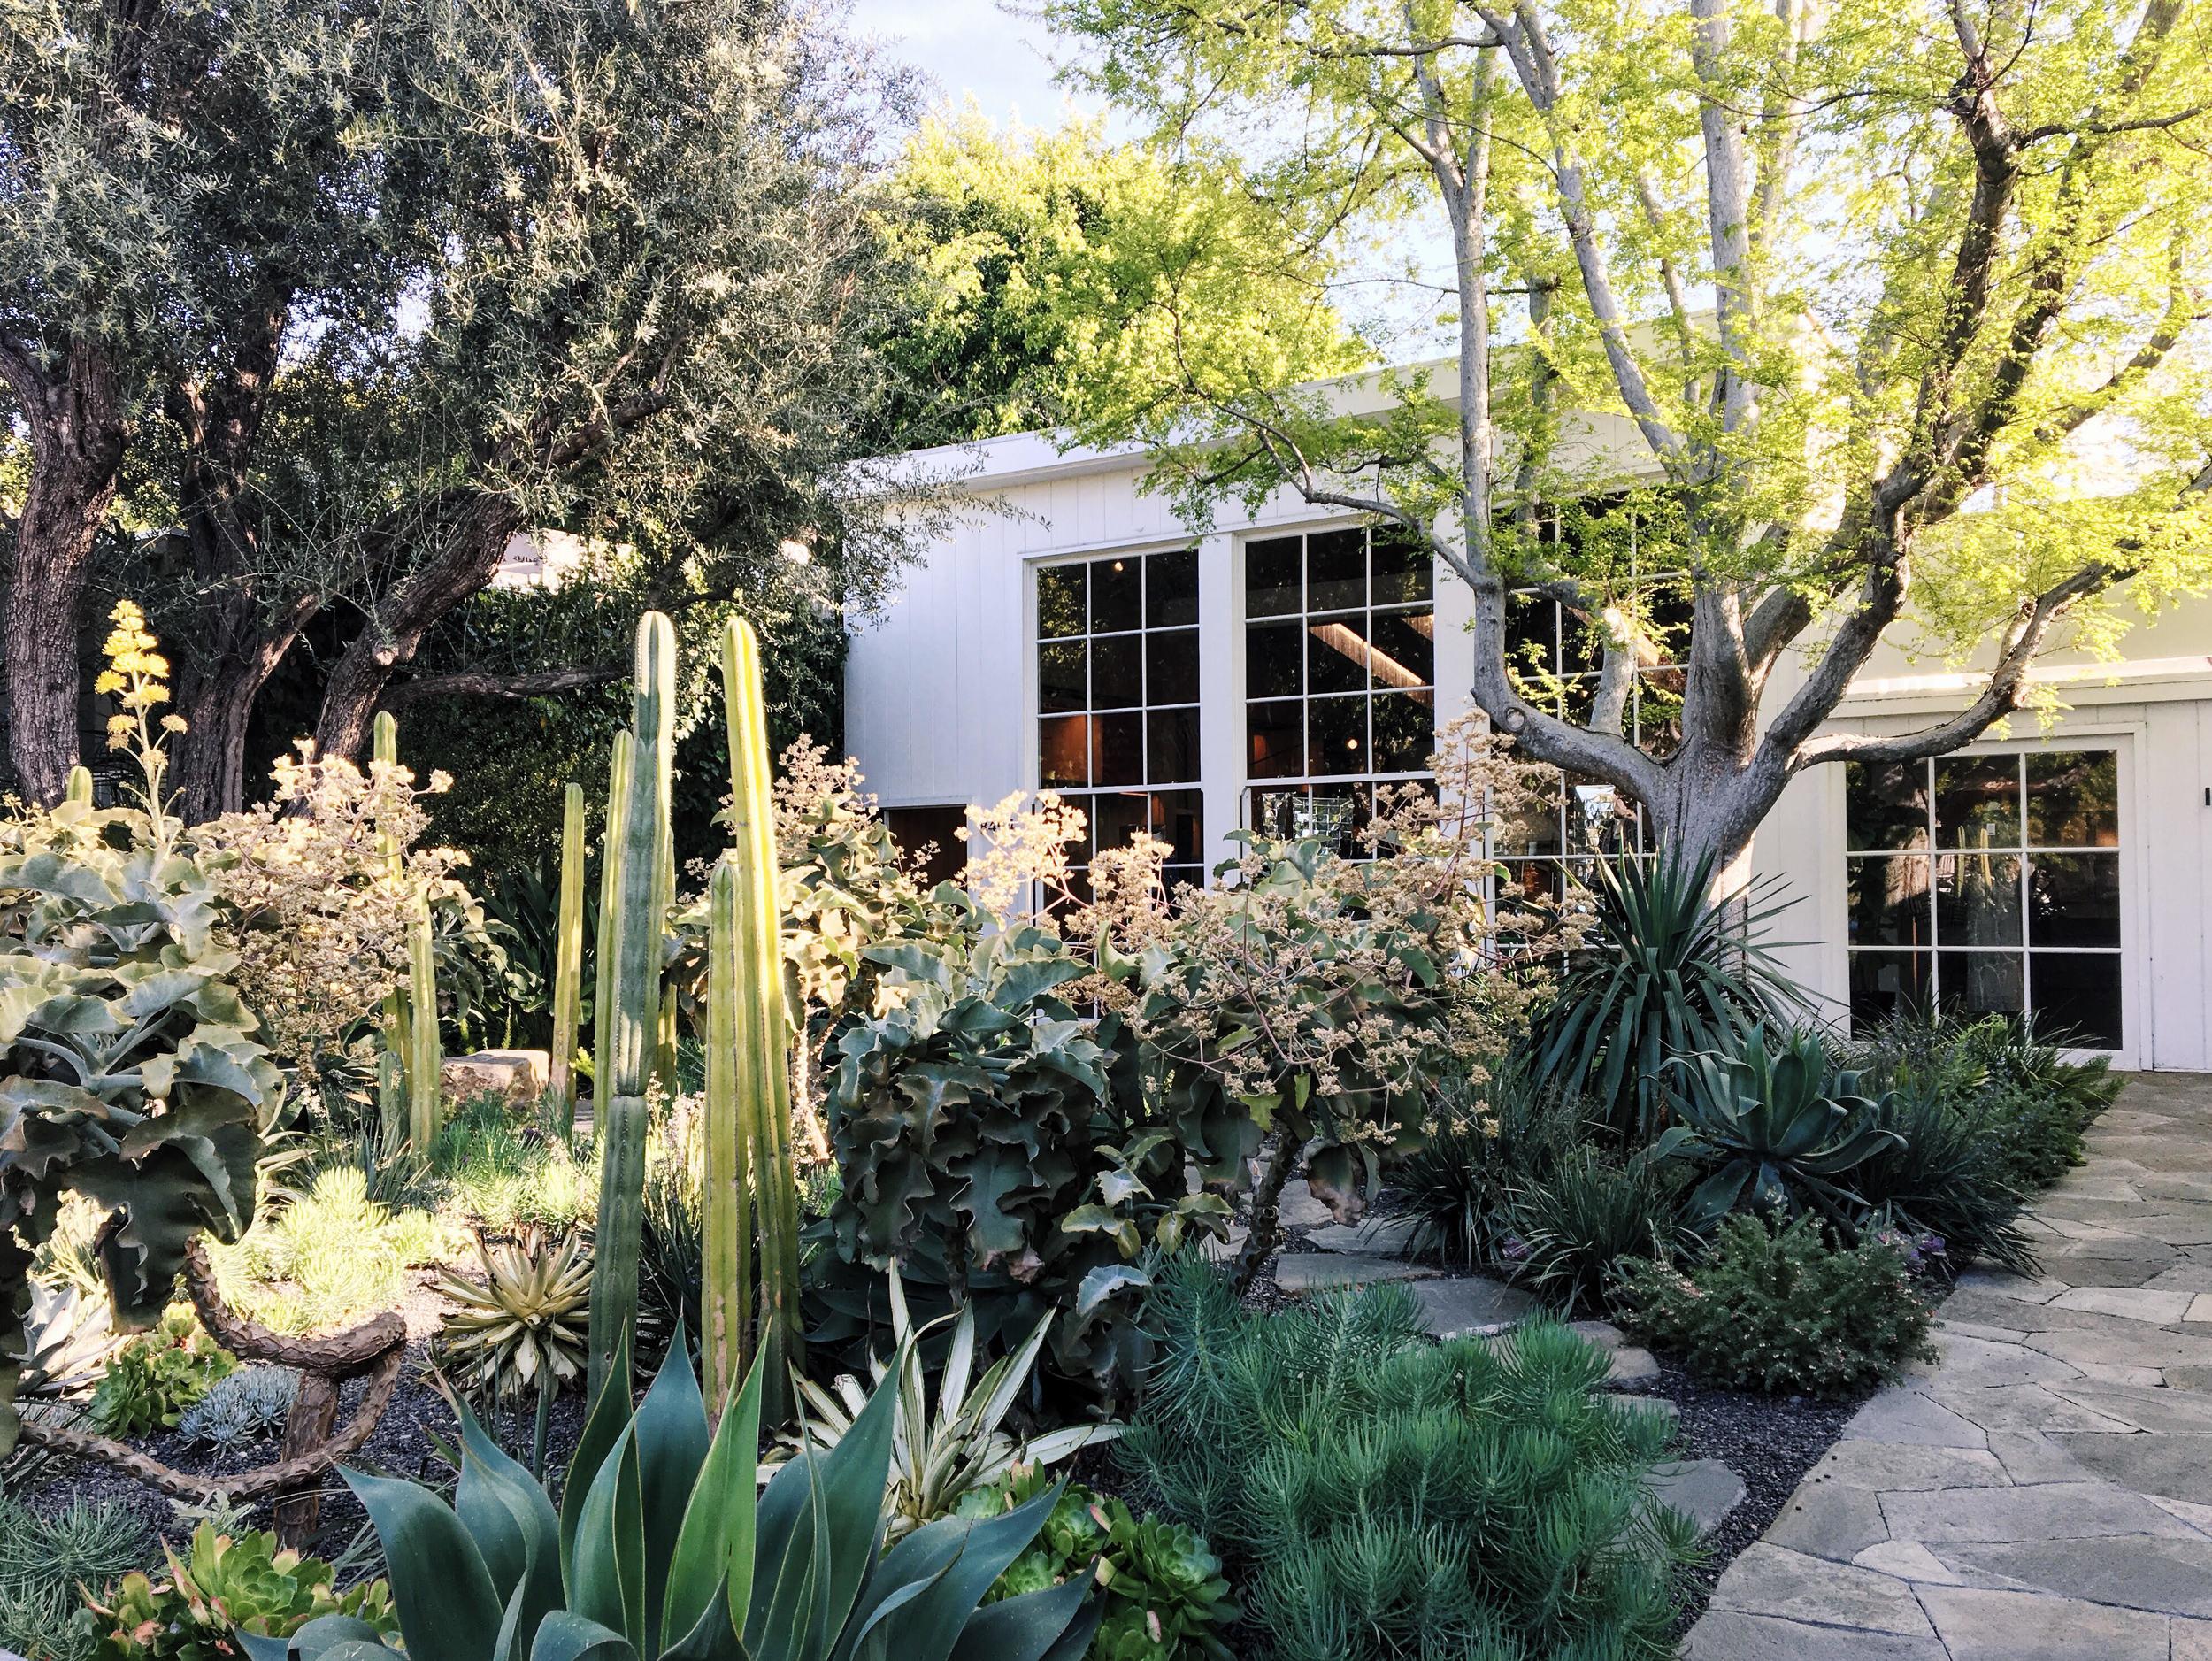 Cactus garden at Isabel Marant's shop on Melrose.